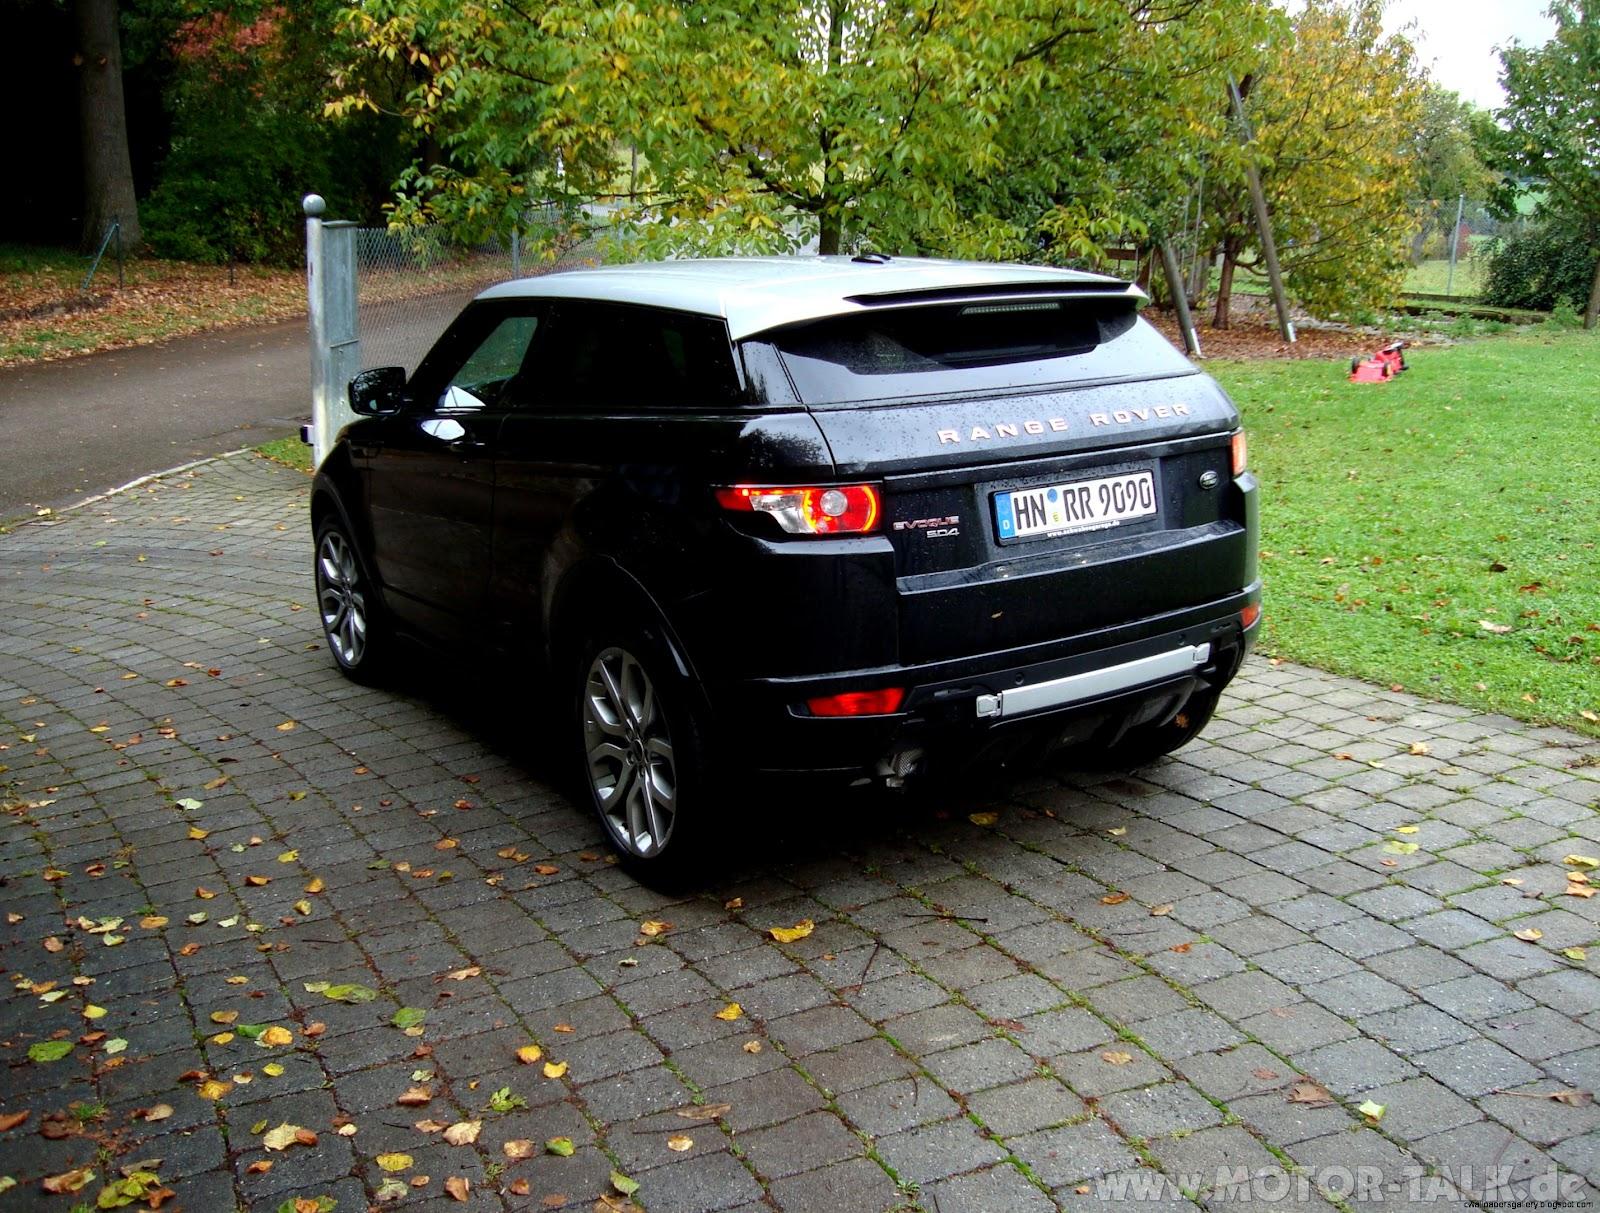 Dsc05950  Evoque TD4 in Baltic Blue abgeholt  Range Rover Evoque